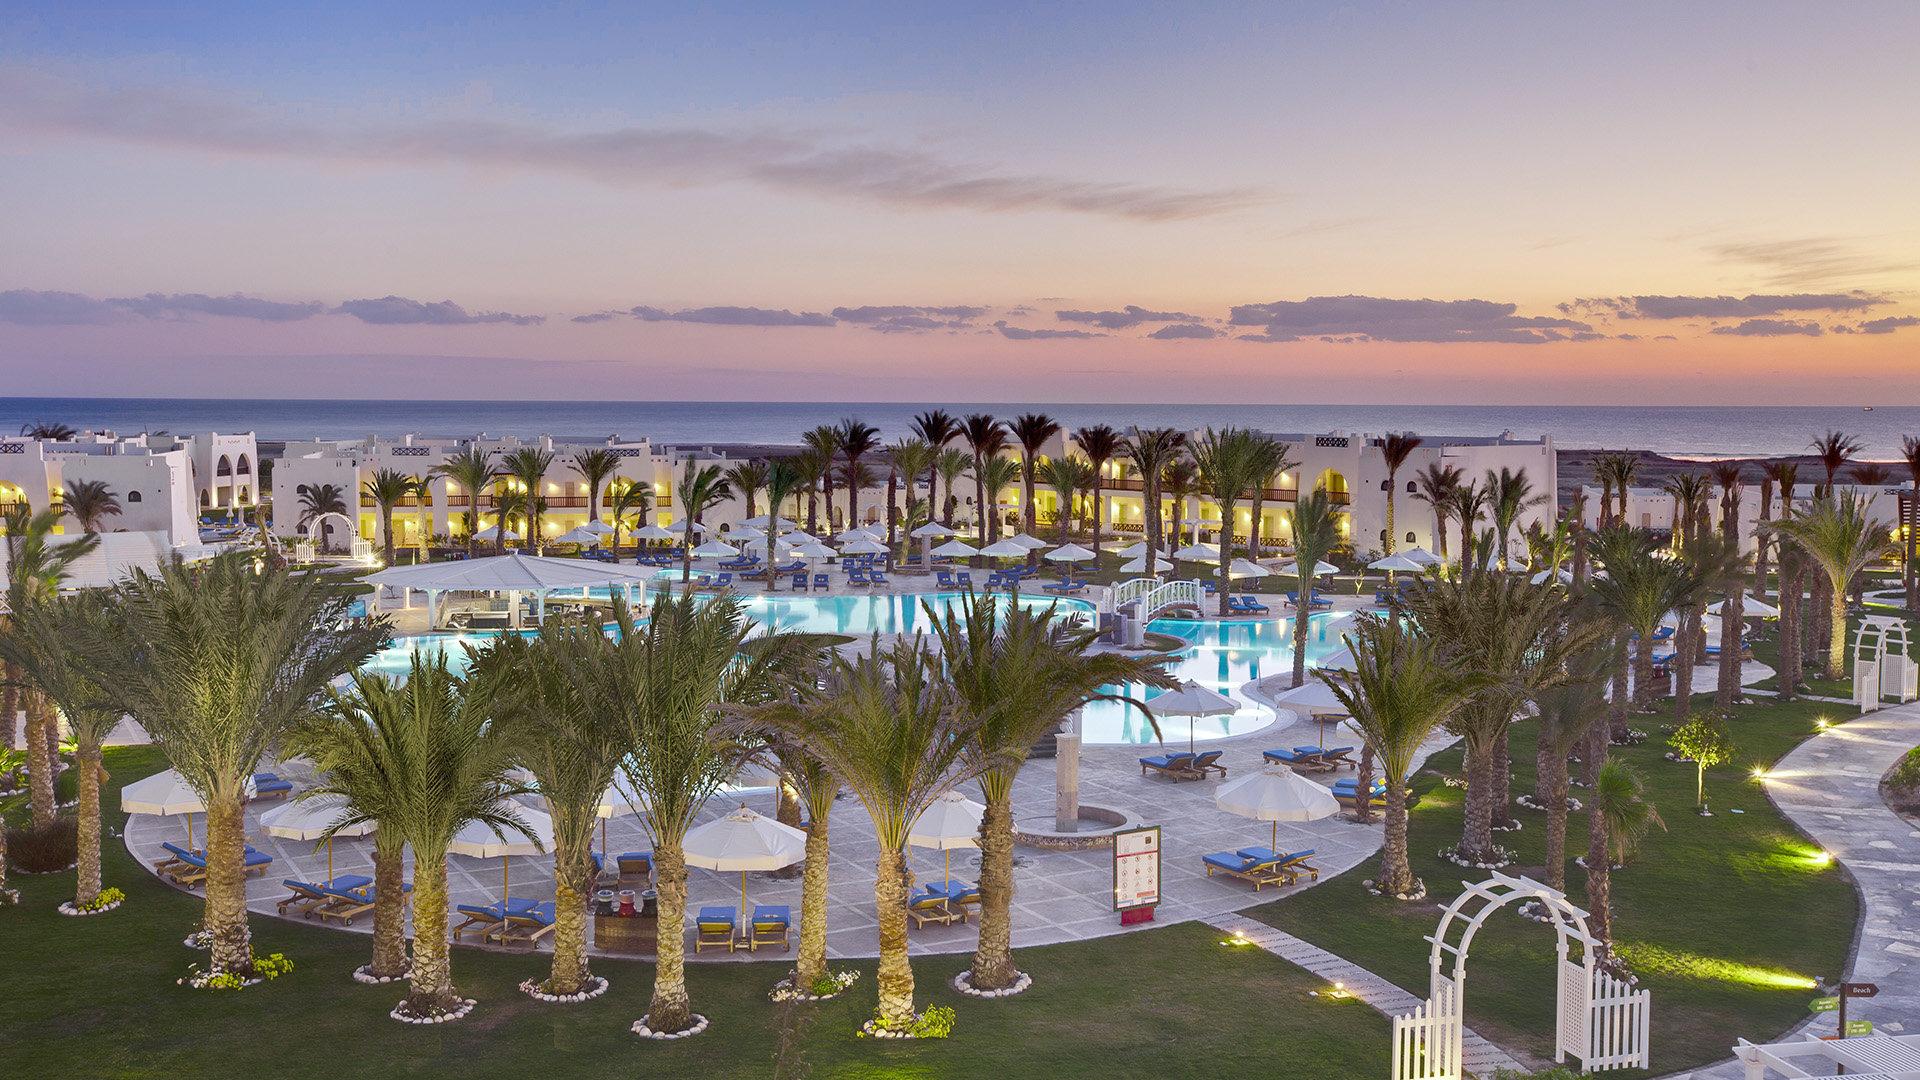 Egipt 7 dni All Inclusive 5* Hilton 1389 zł Itaka